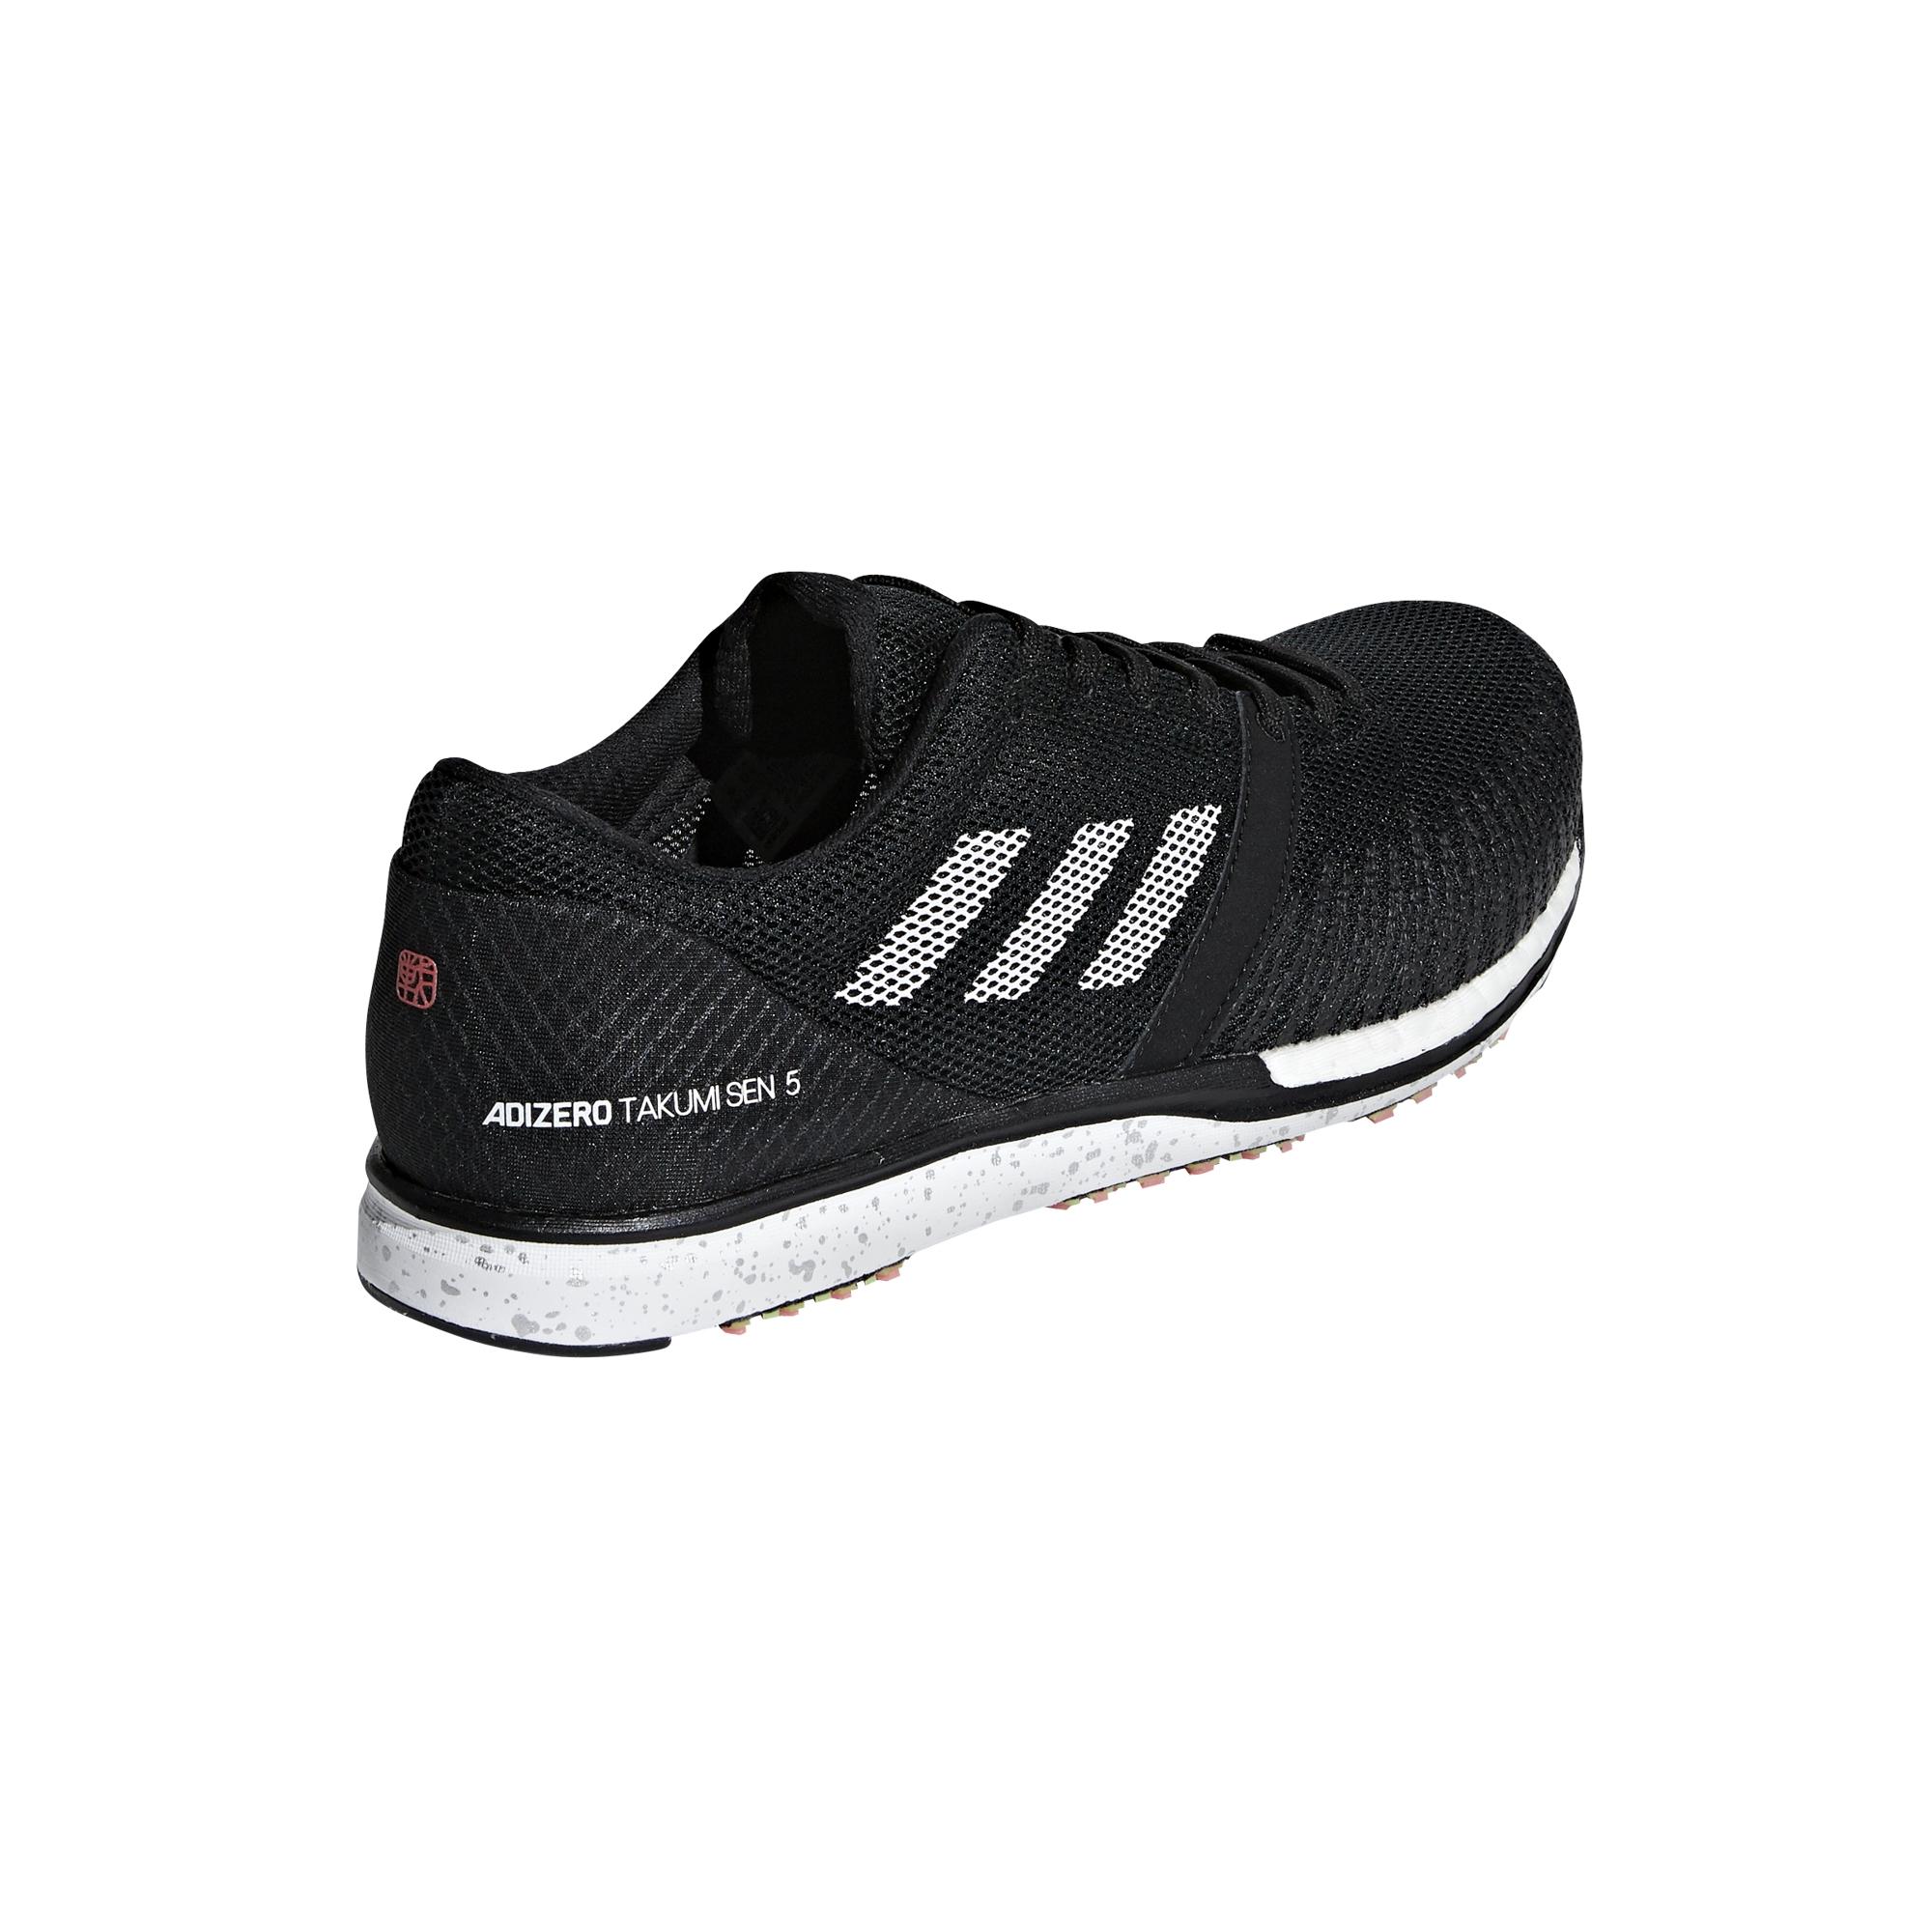 5bece07c8b4c Chaussures adidas Adizero Takumi Sen 5